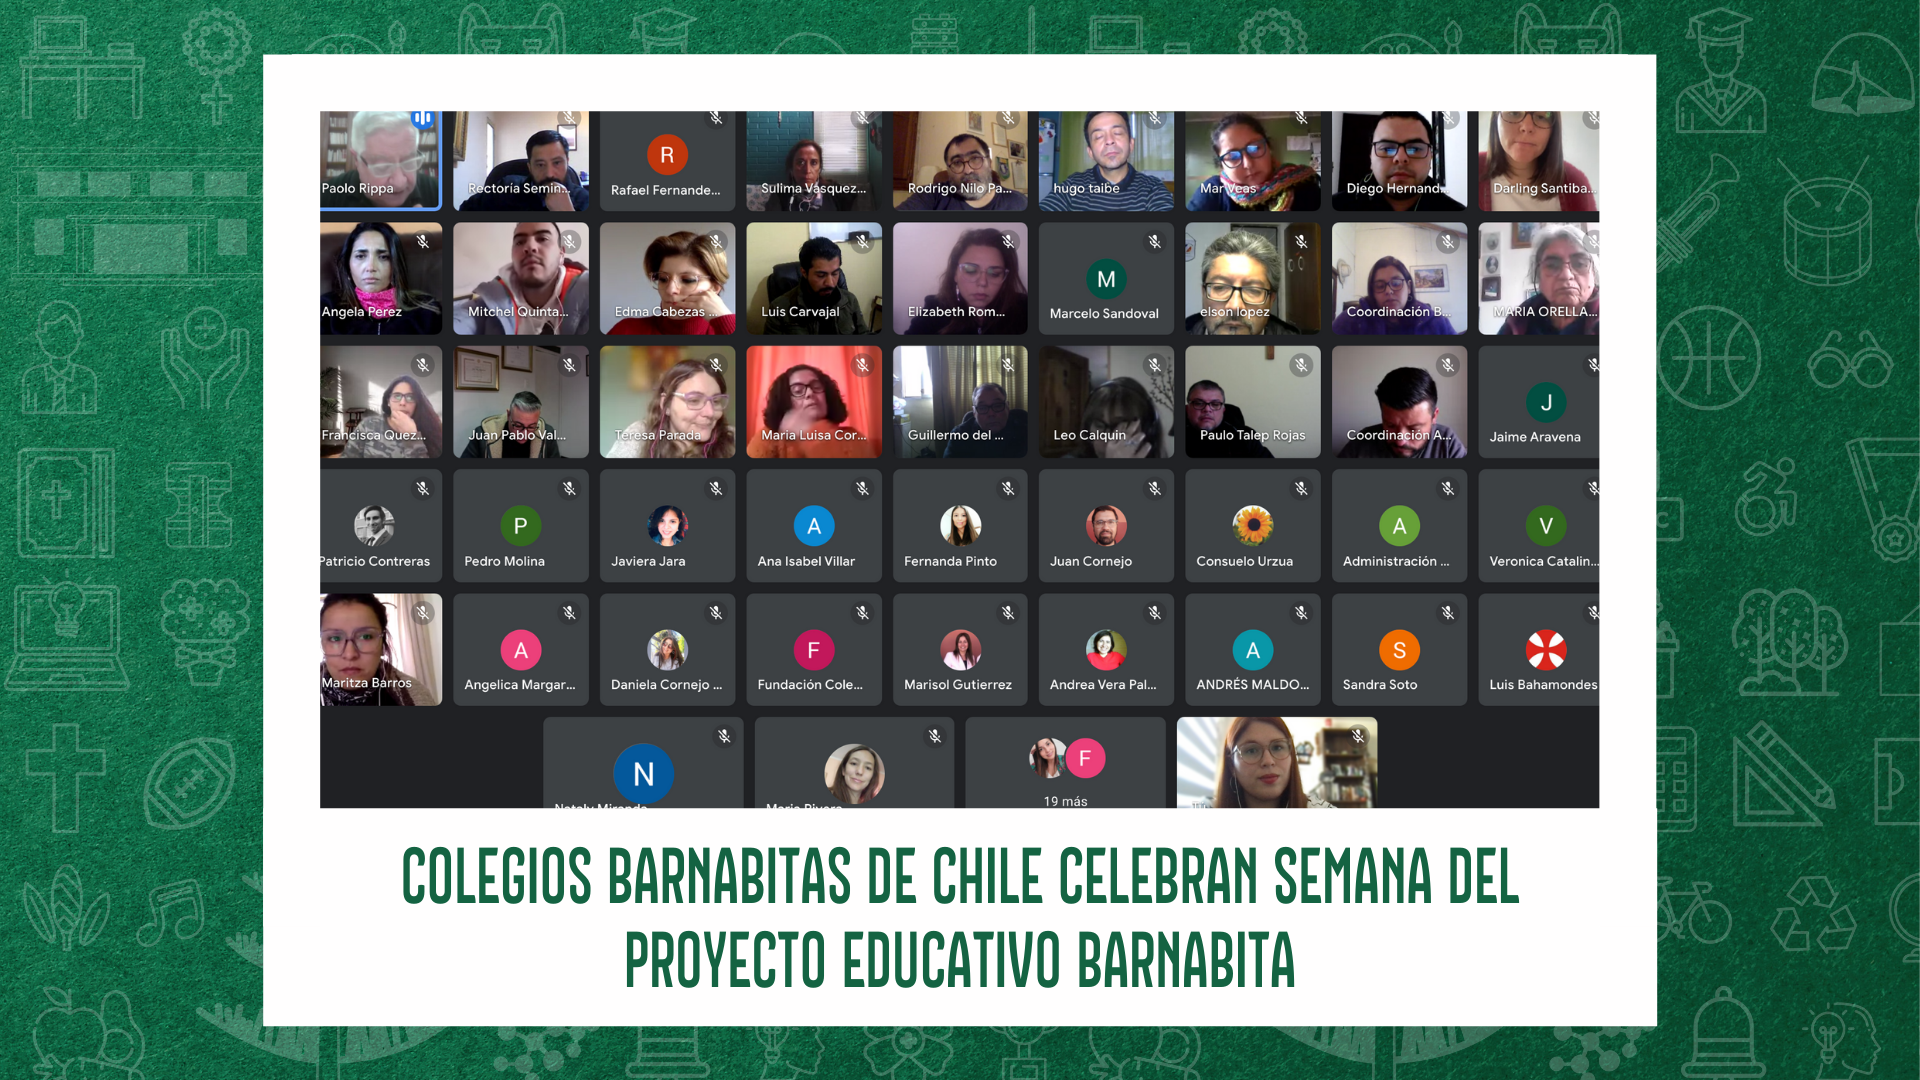 COLEGIOS BARNABITAS DE CHILE CELEBRAN SEMANA DEL PROYECTO EDUCATIVO BARNABITA